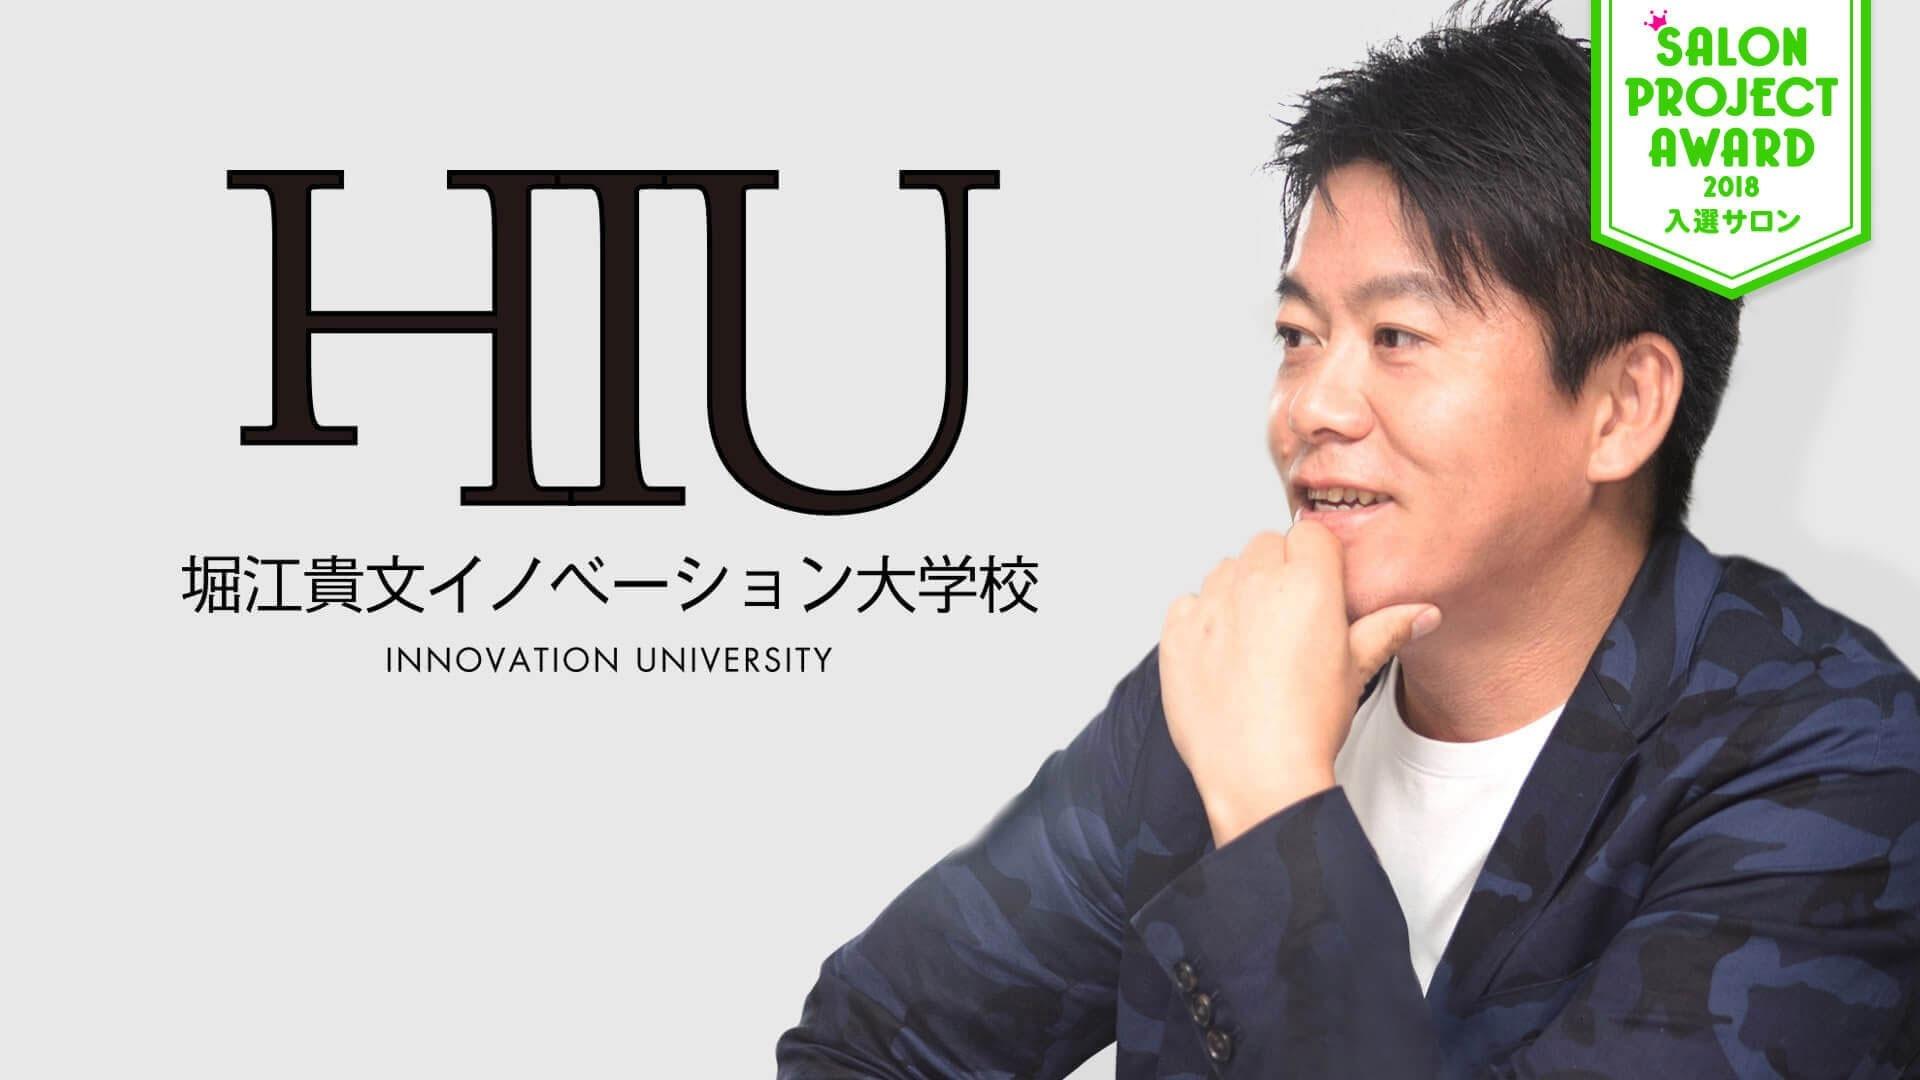 堀江貴文 - 堀江貴文イノベーション大学校 - DMM オンラインサロン